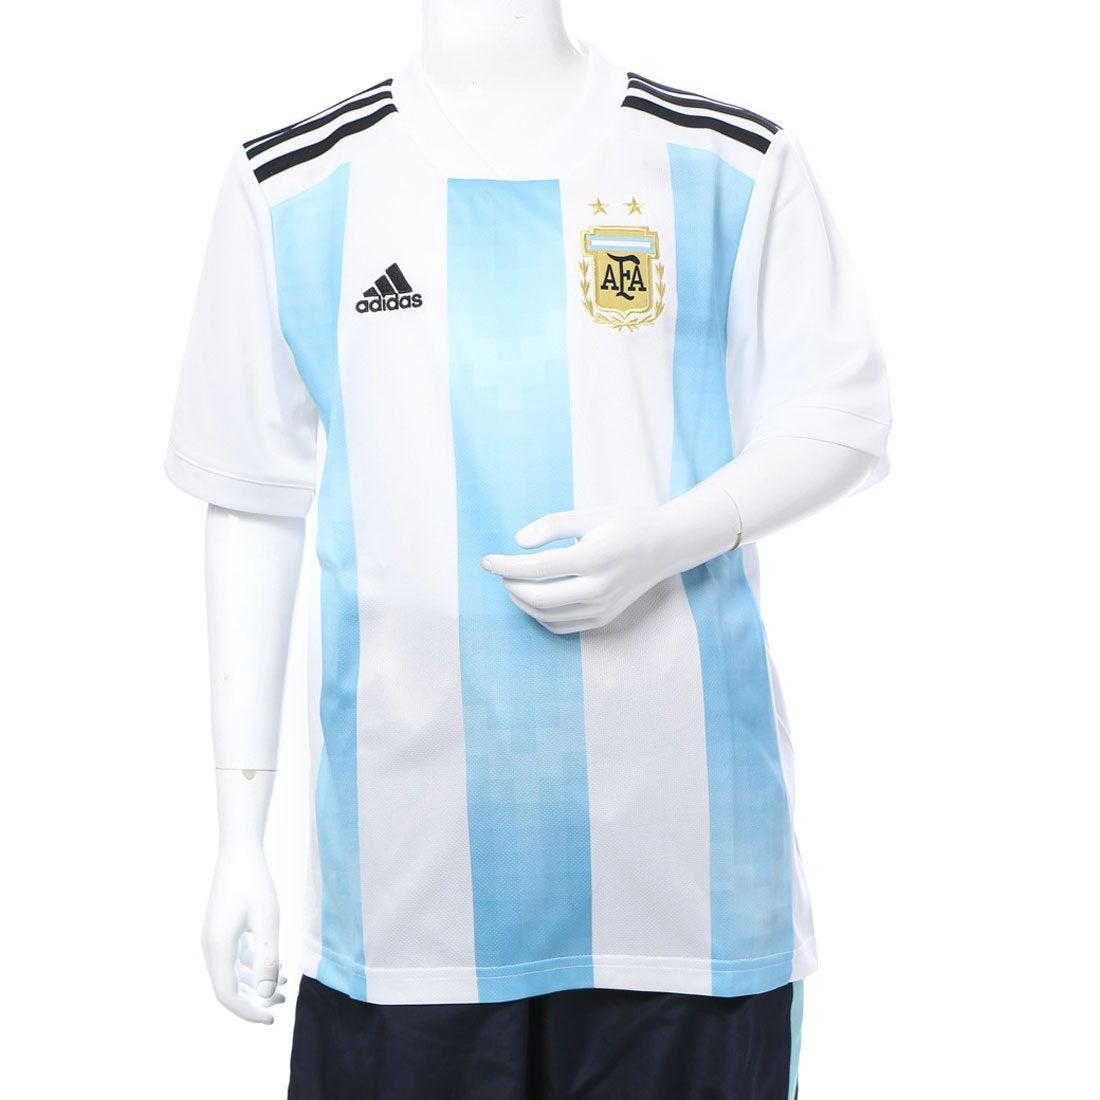 アディダス adidas サッカー/フットサル ライセンスシャツ KidsAFAホームレプリカユニフォームS/S BQ9288